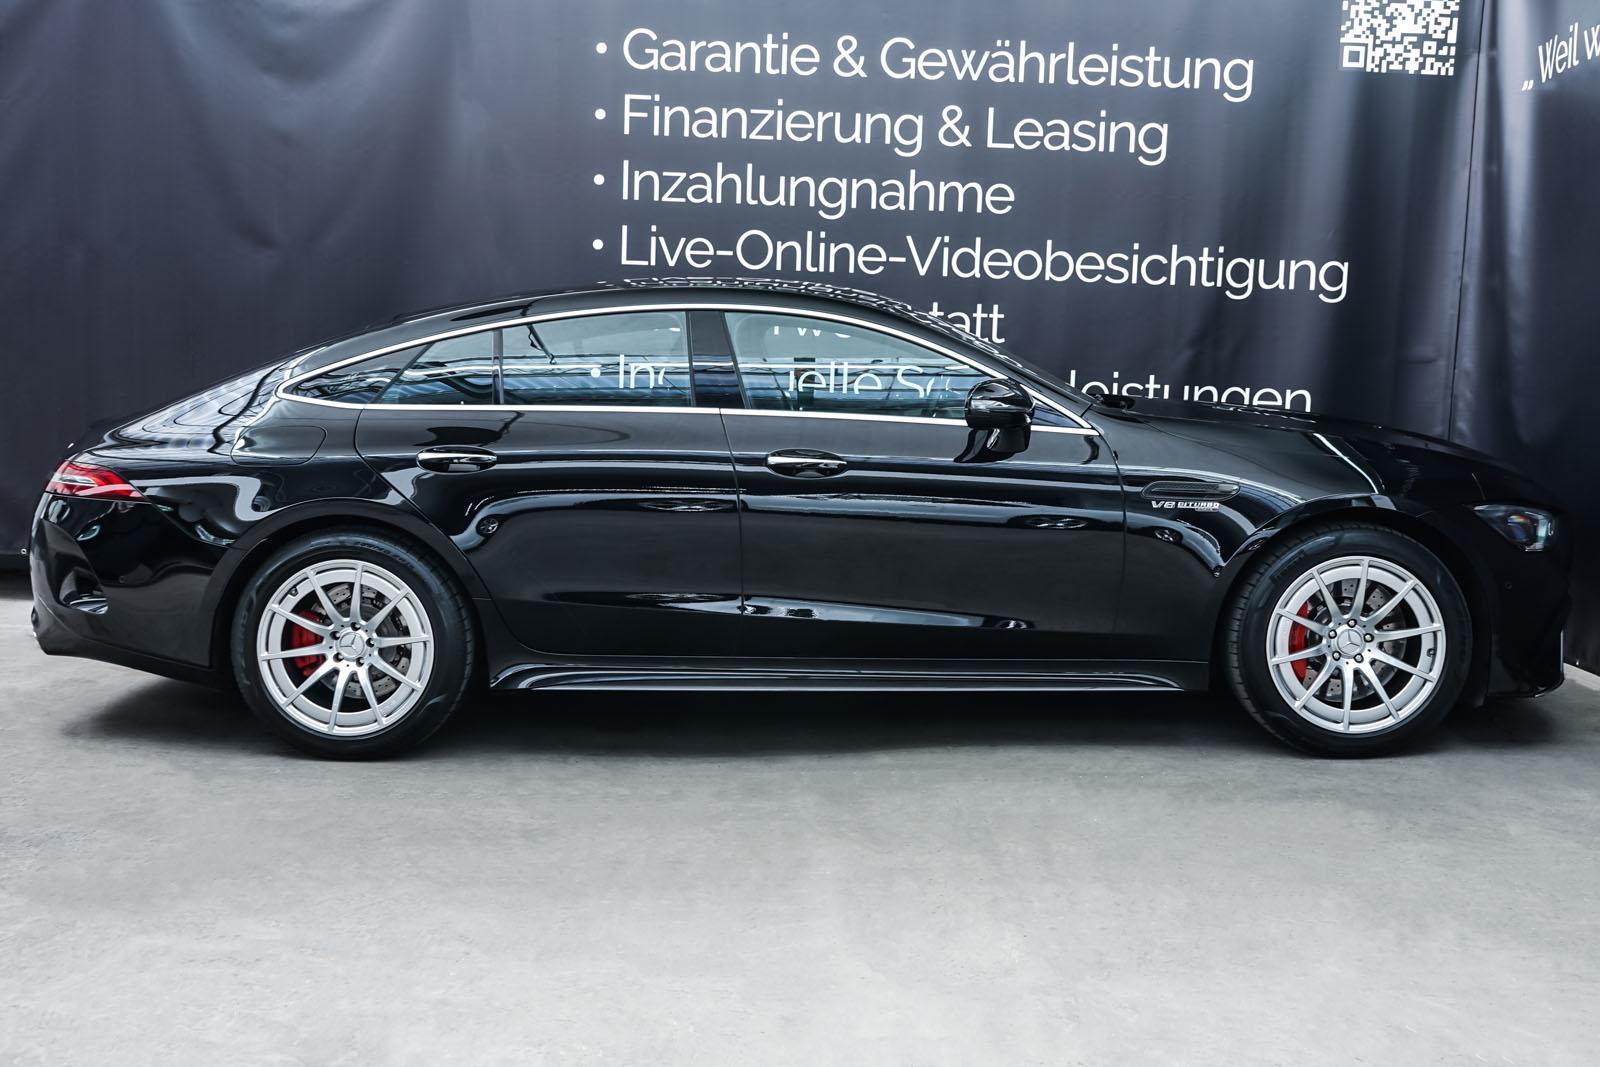 MercedesBenz_AMG_GT63_4MATIC+_Schwarz_Schwarz_15_w